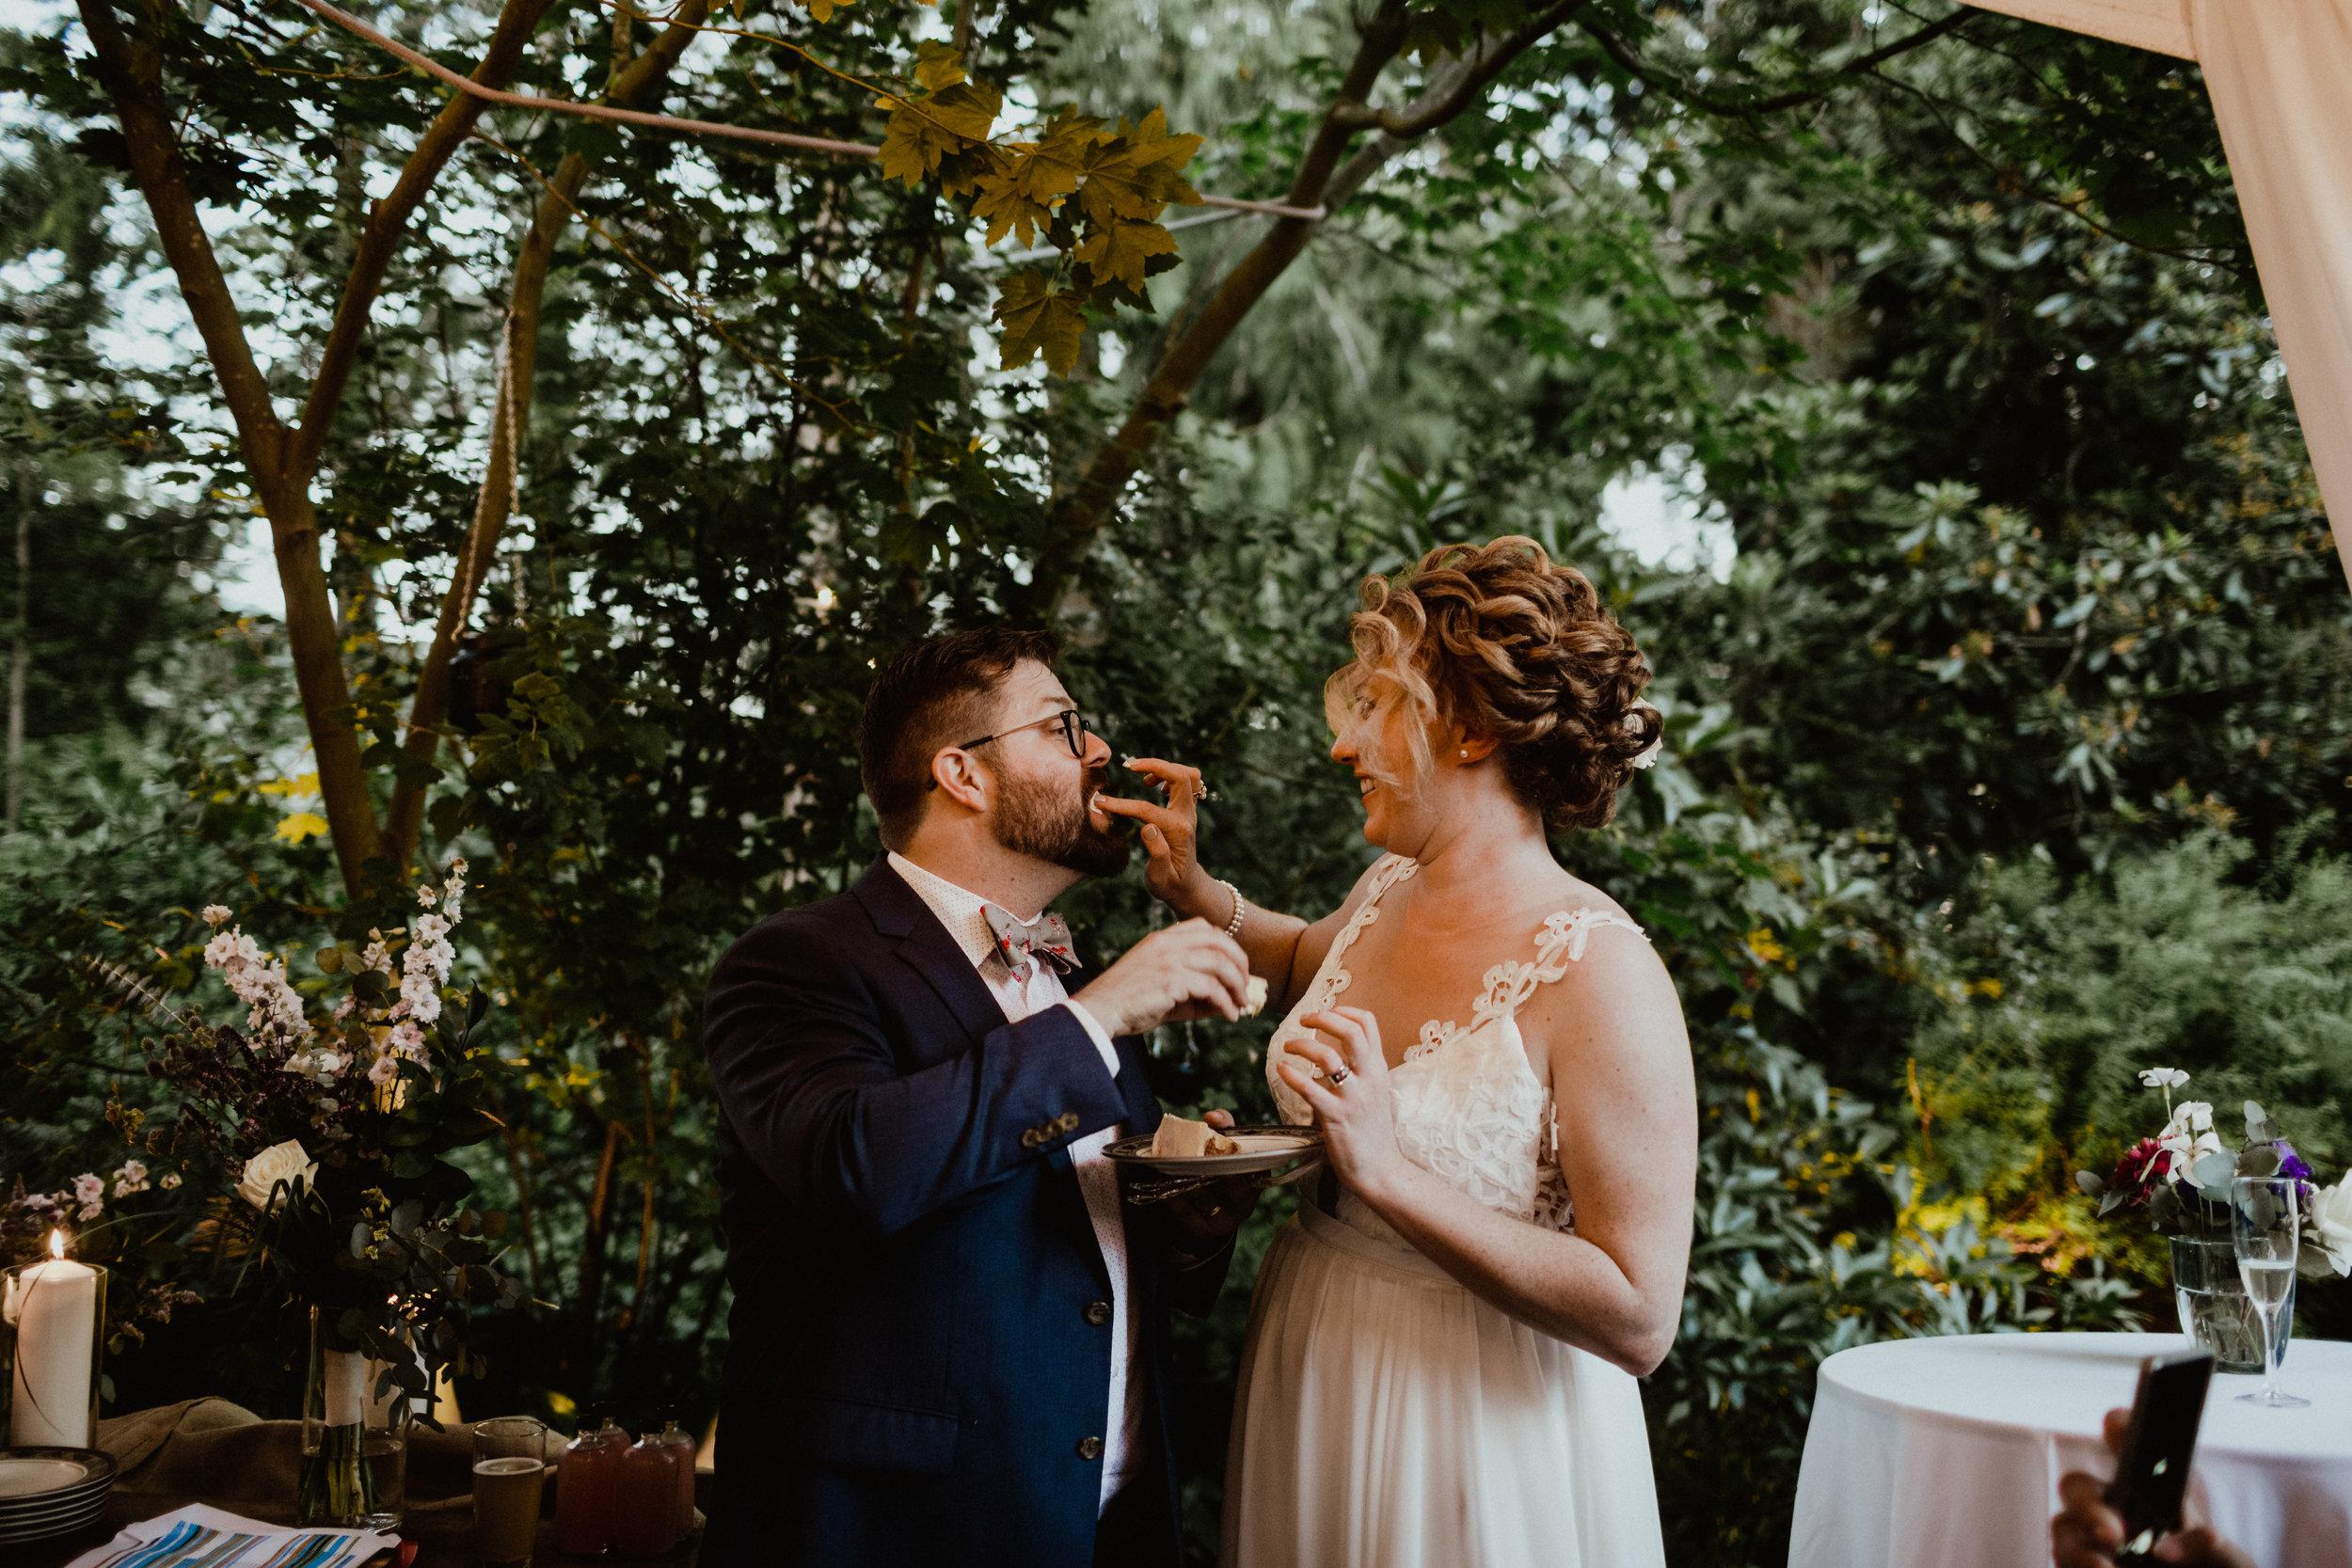 west-vancouver-backyard-wedding-272.jpg